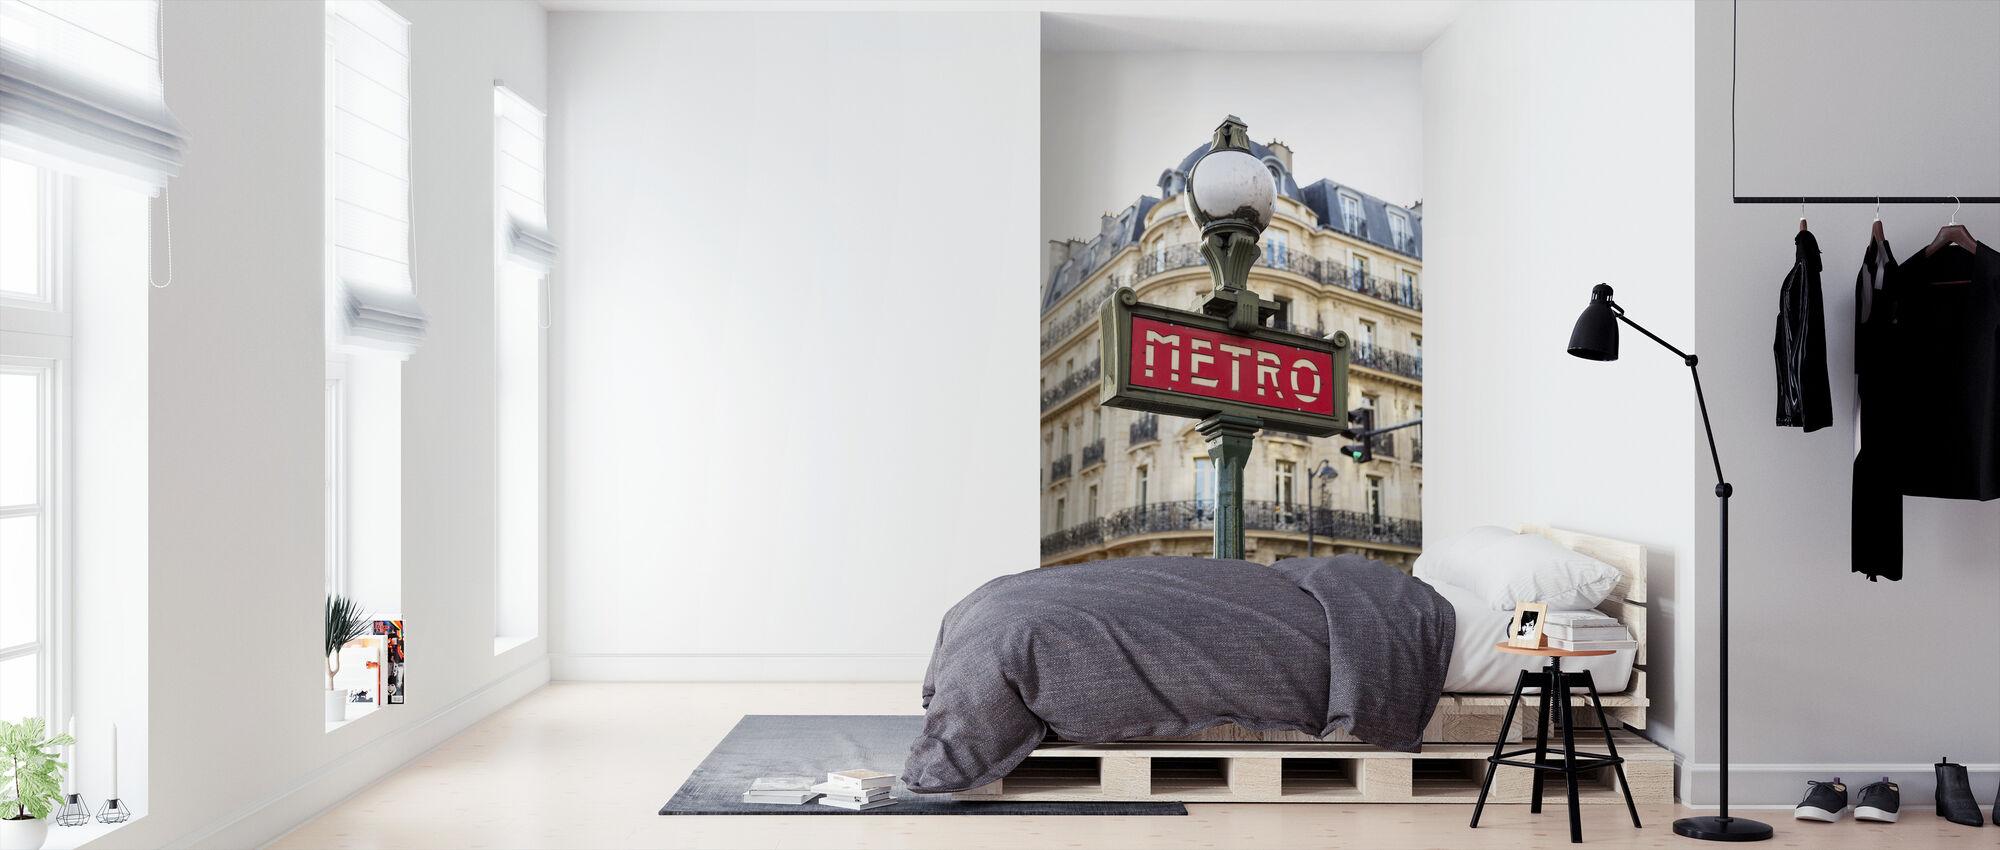 Metro teken - Behang - Slaapkamer